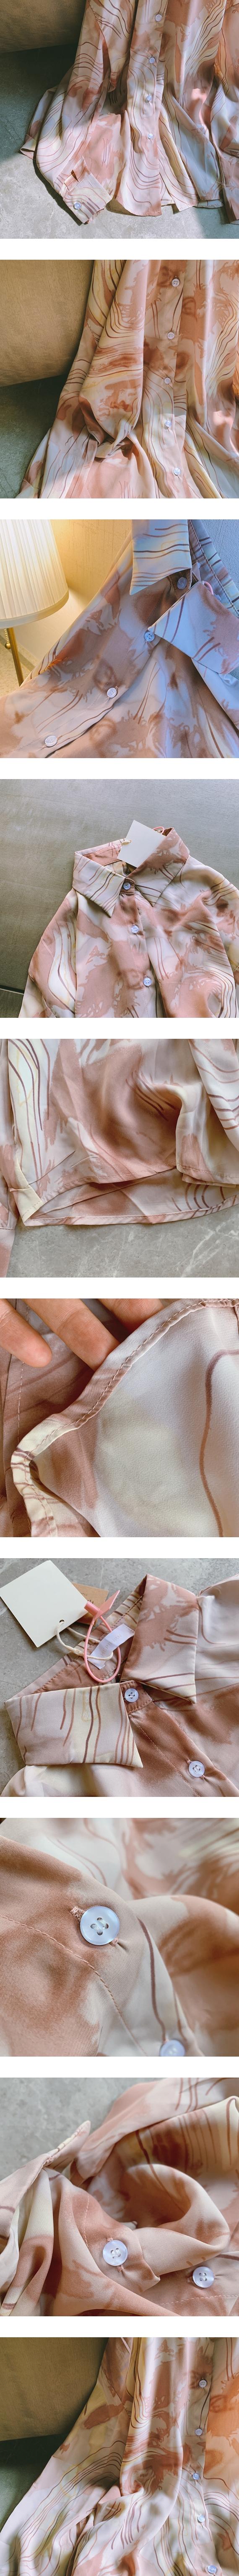 ♡ 右米衣飾 ♡【復古水墨雪紡襯衫】大碼女裝 胖mm 棉花糖女孩 日系原創 大碼雪紡襯衫 氣質溫婉 復古雪紡水墨長袖襯衫